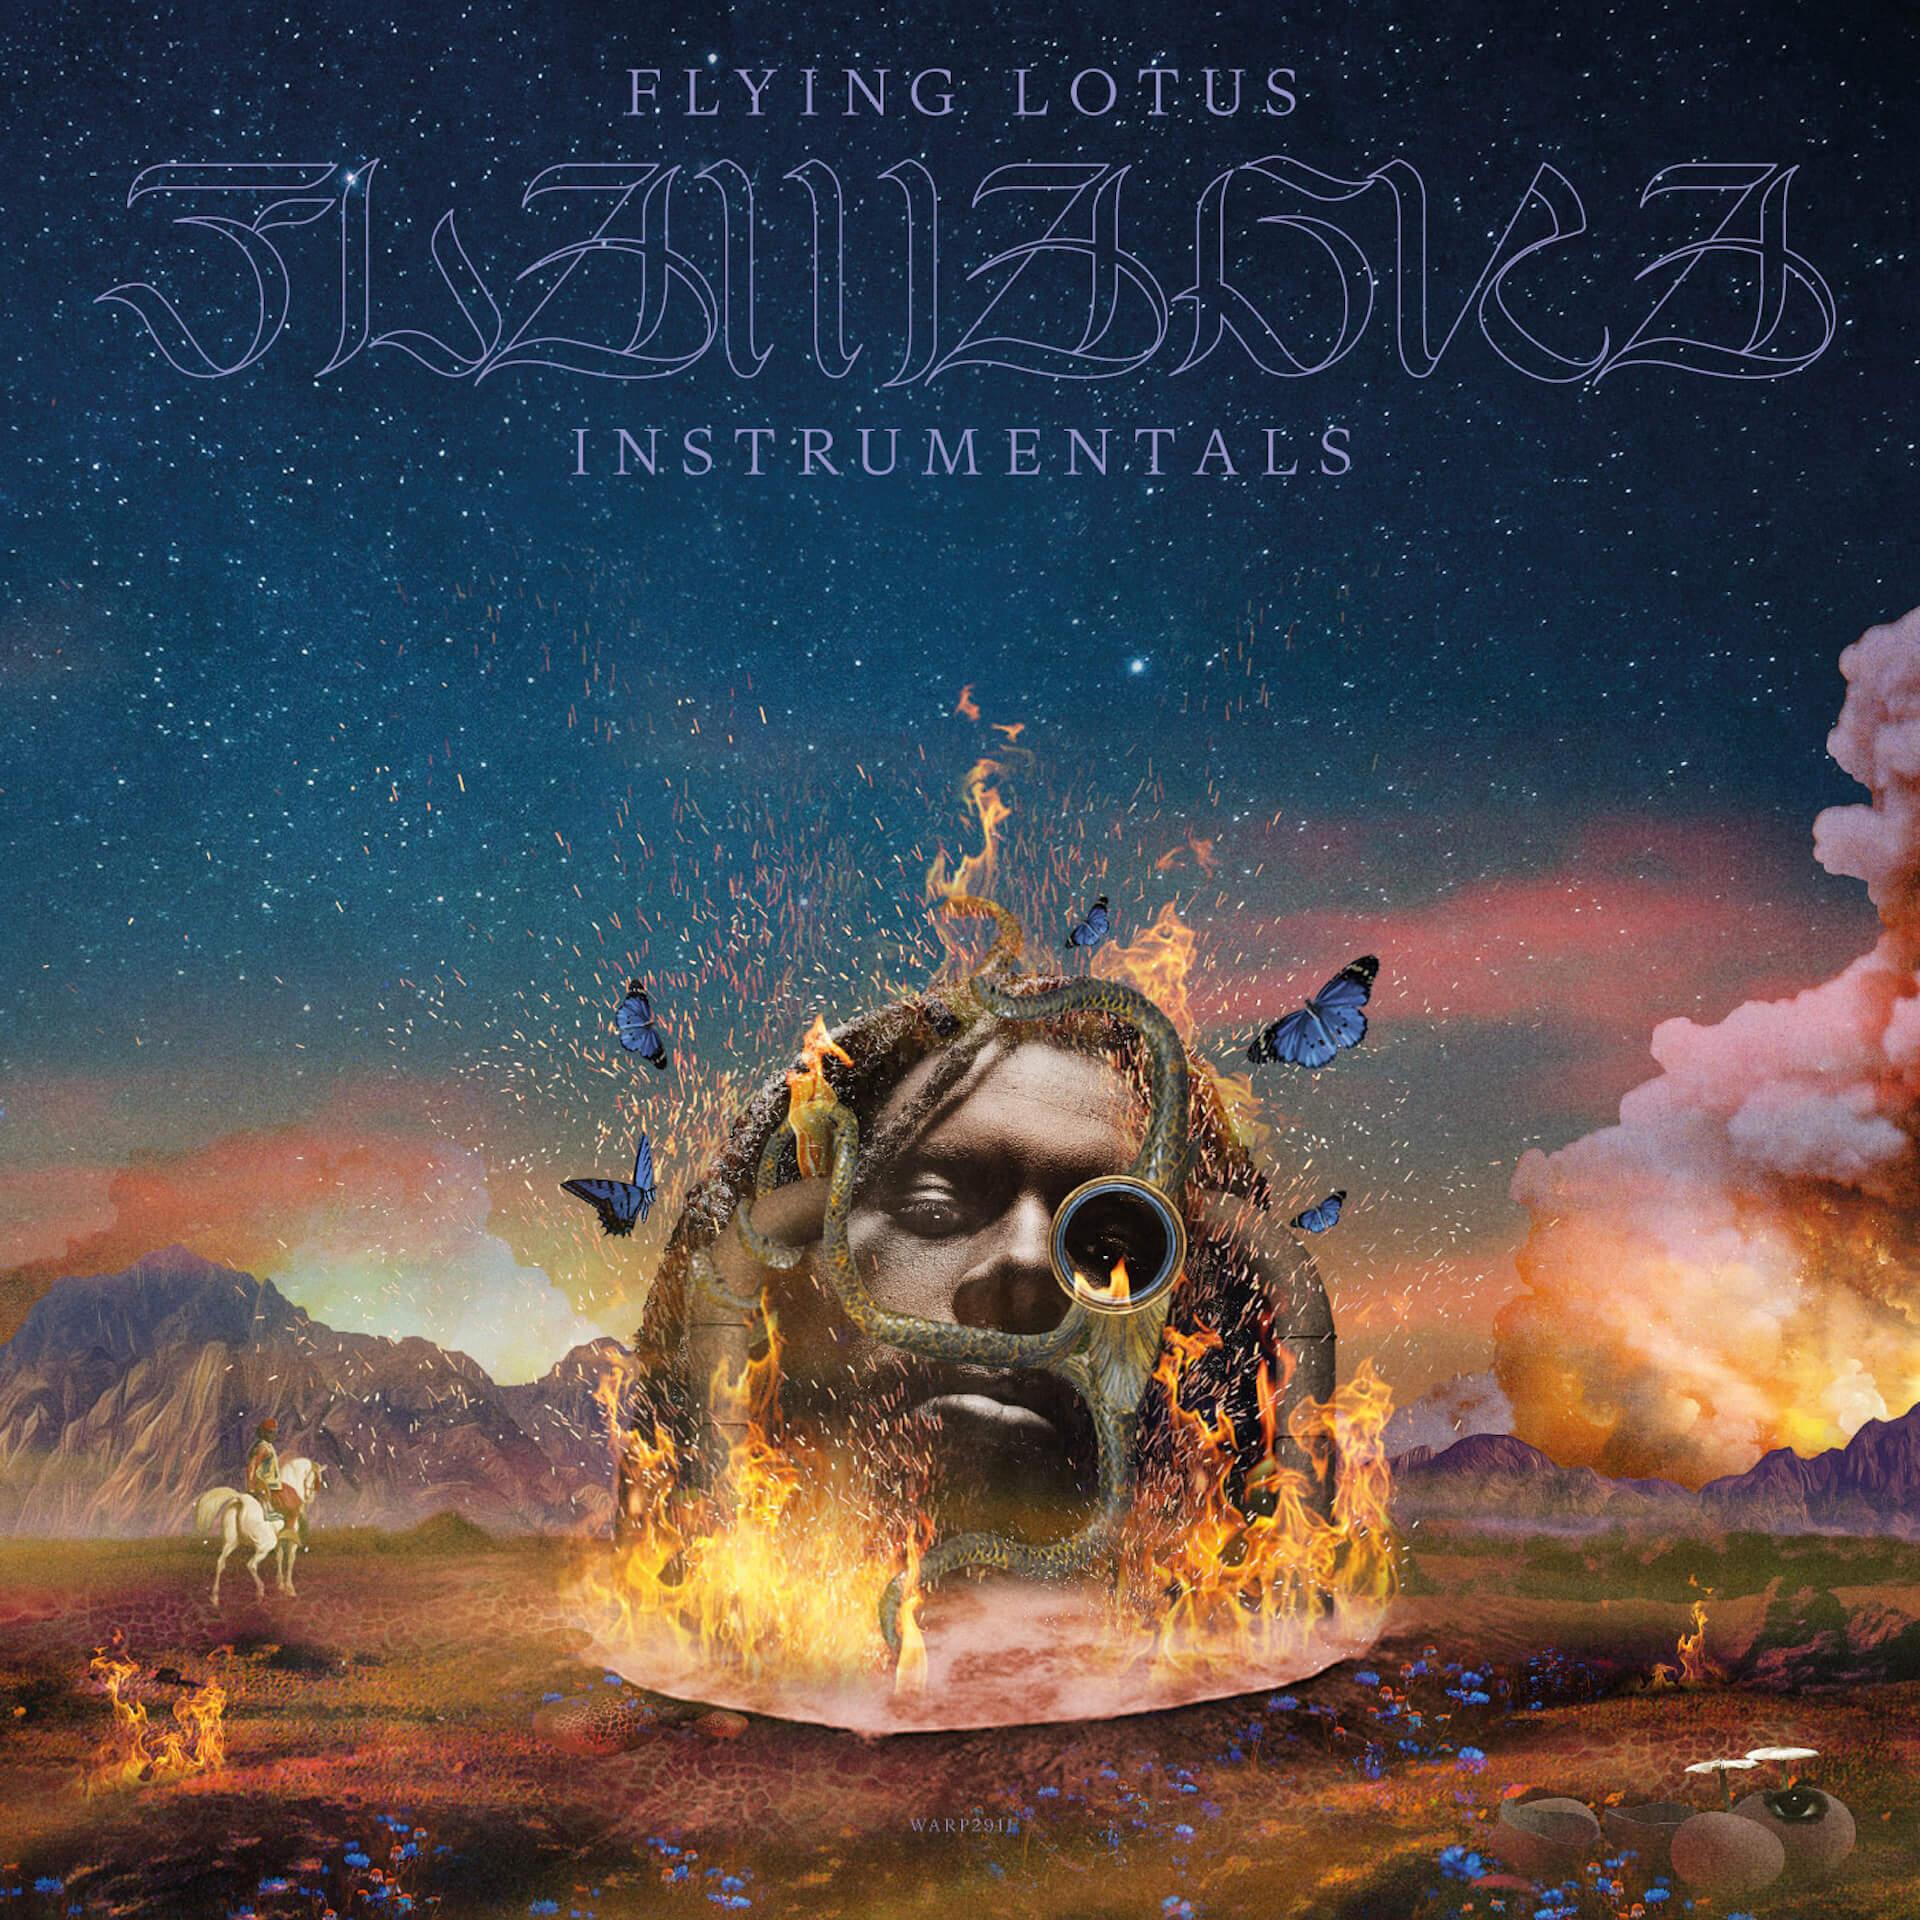 Flying Lotus『Flamagra』リリースから1年を経てインストゥルメンタル盤が発売決定!人気ロングTシャツやパーカーも復刻 music200428_flying_lotus_03